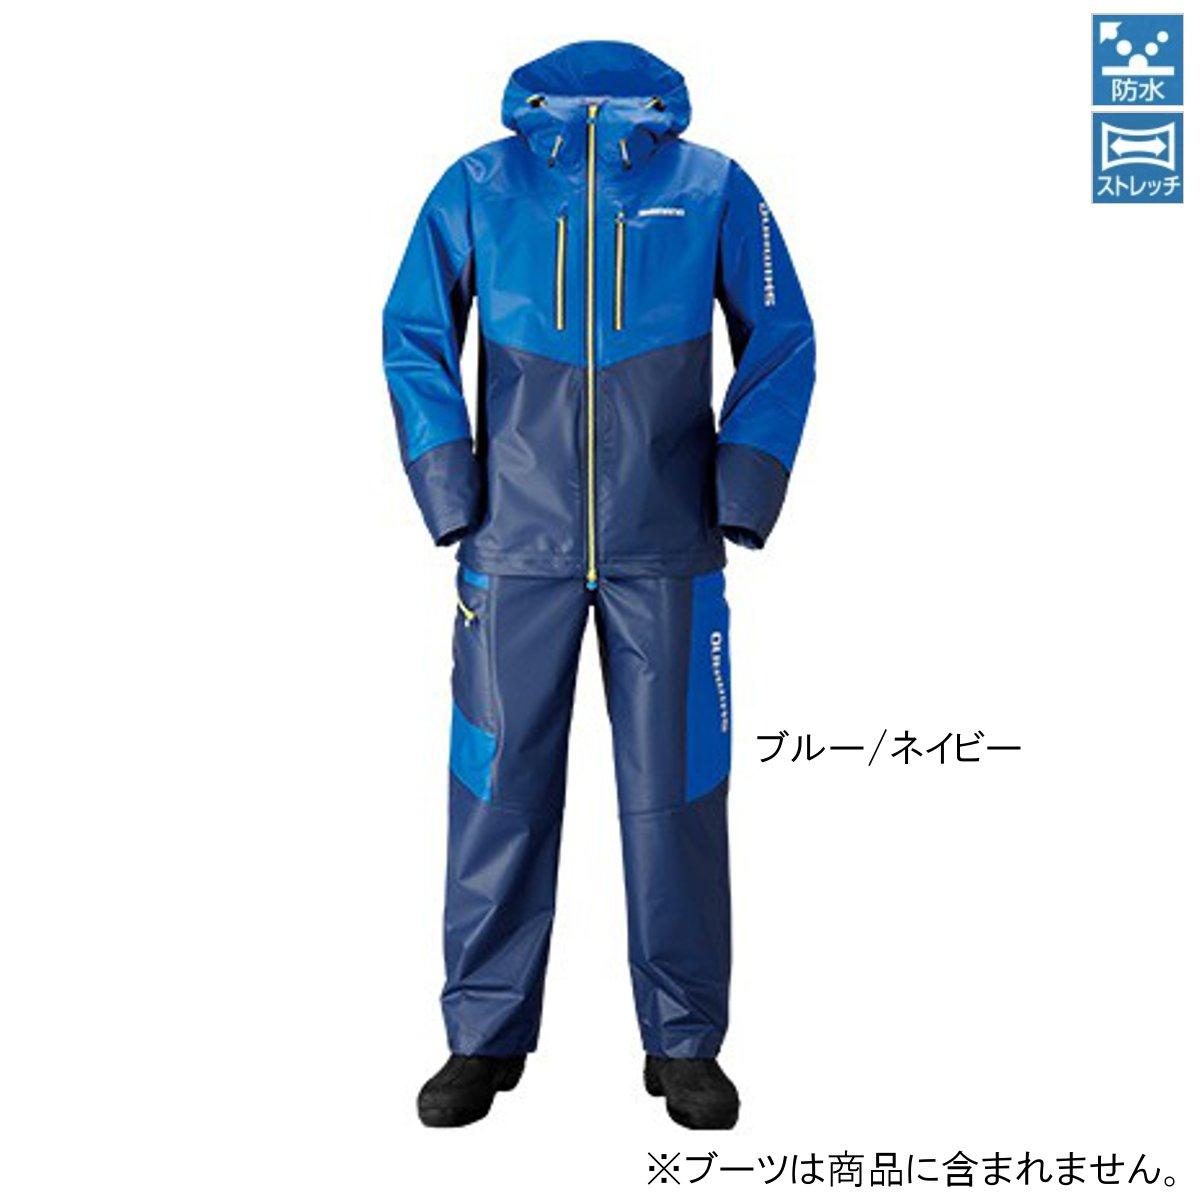 シマノ マリンライトスーツ RA-034N M ブルー/ネイビー【送料無料】